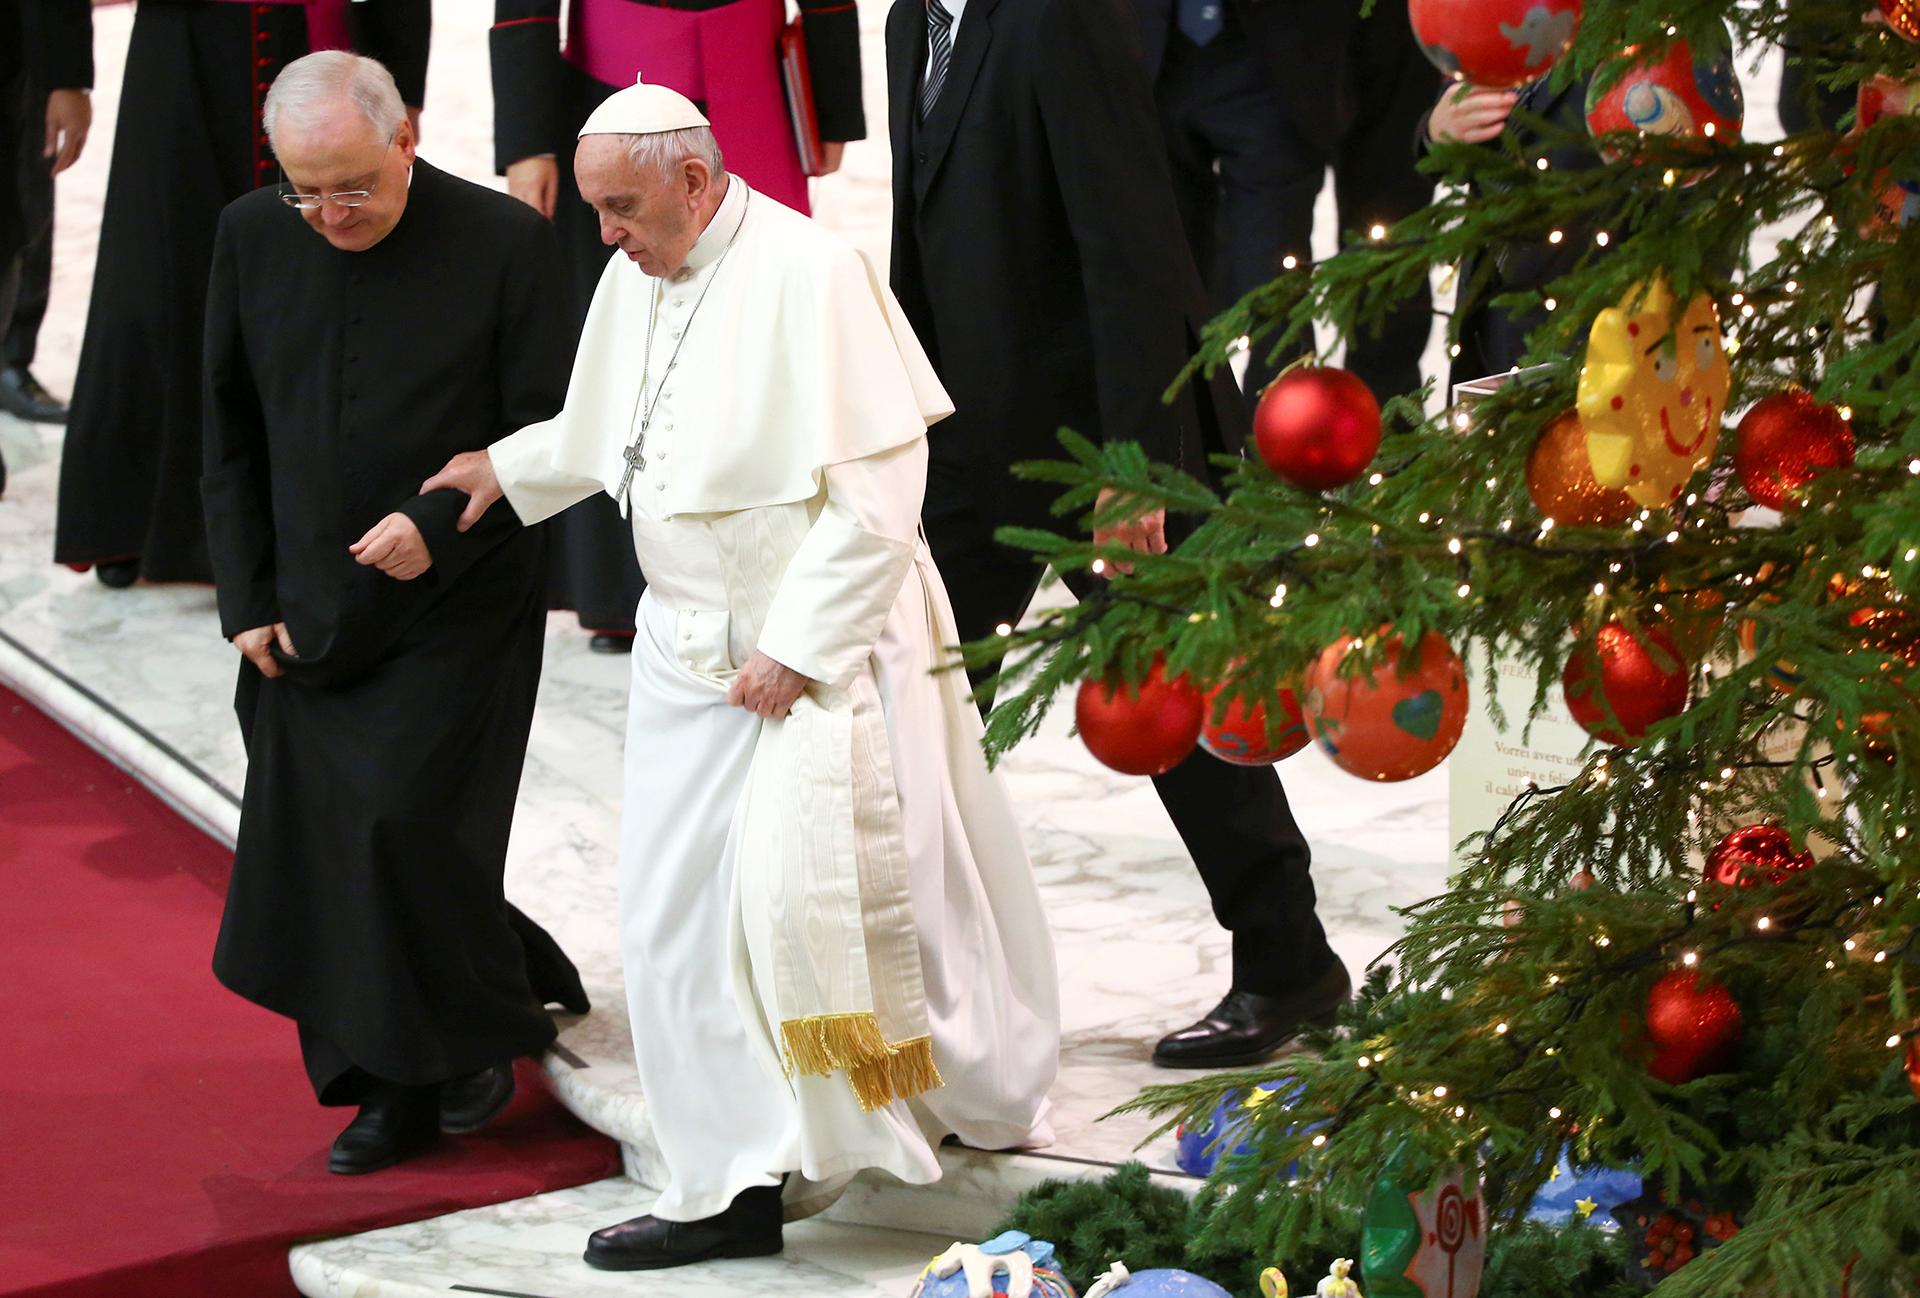 El papa Francisco camina asistido al pasar cerca al árbol del Vaticano, en la plaza San Pedro